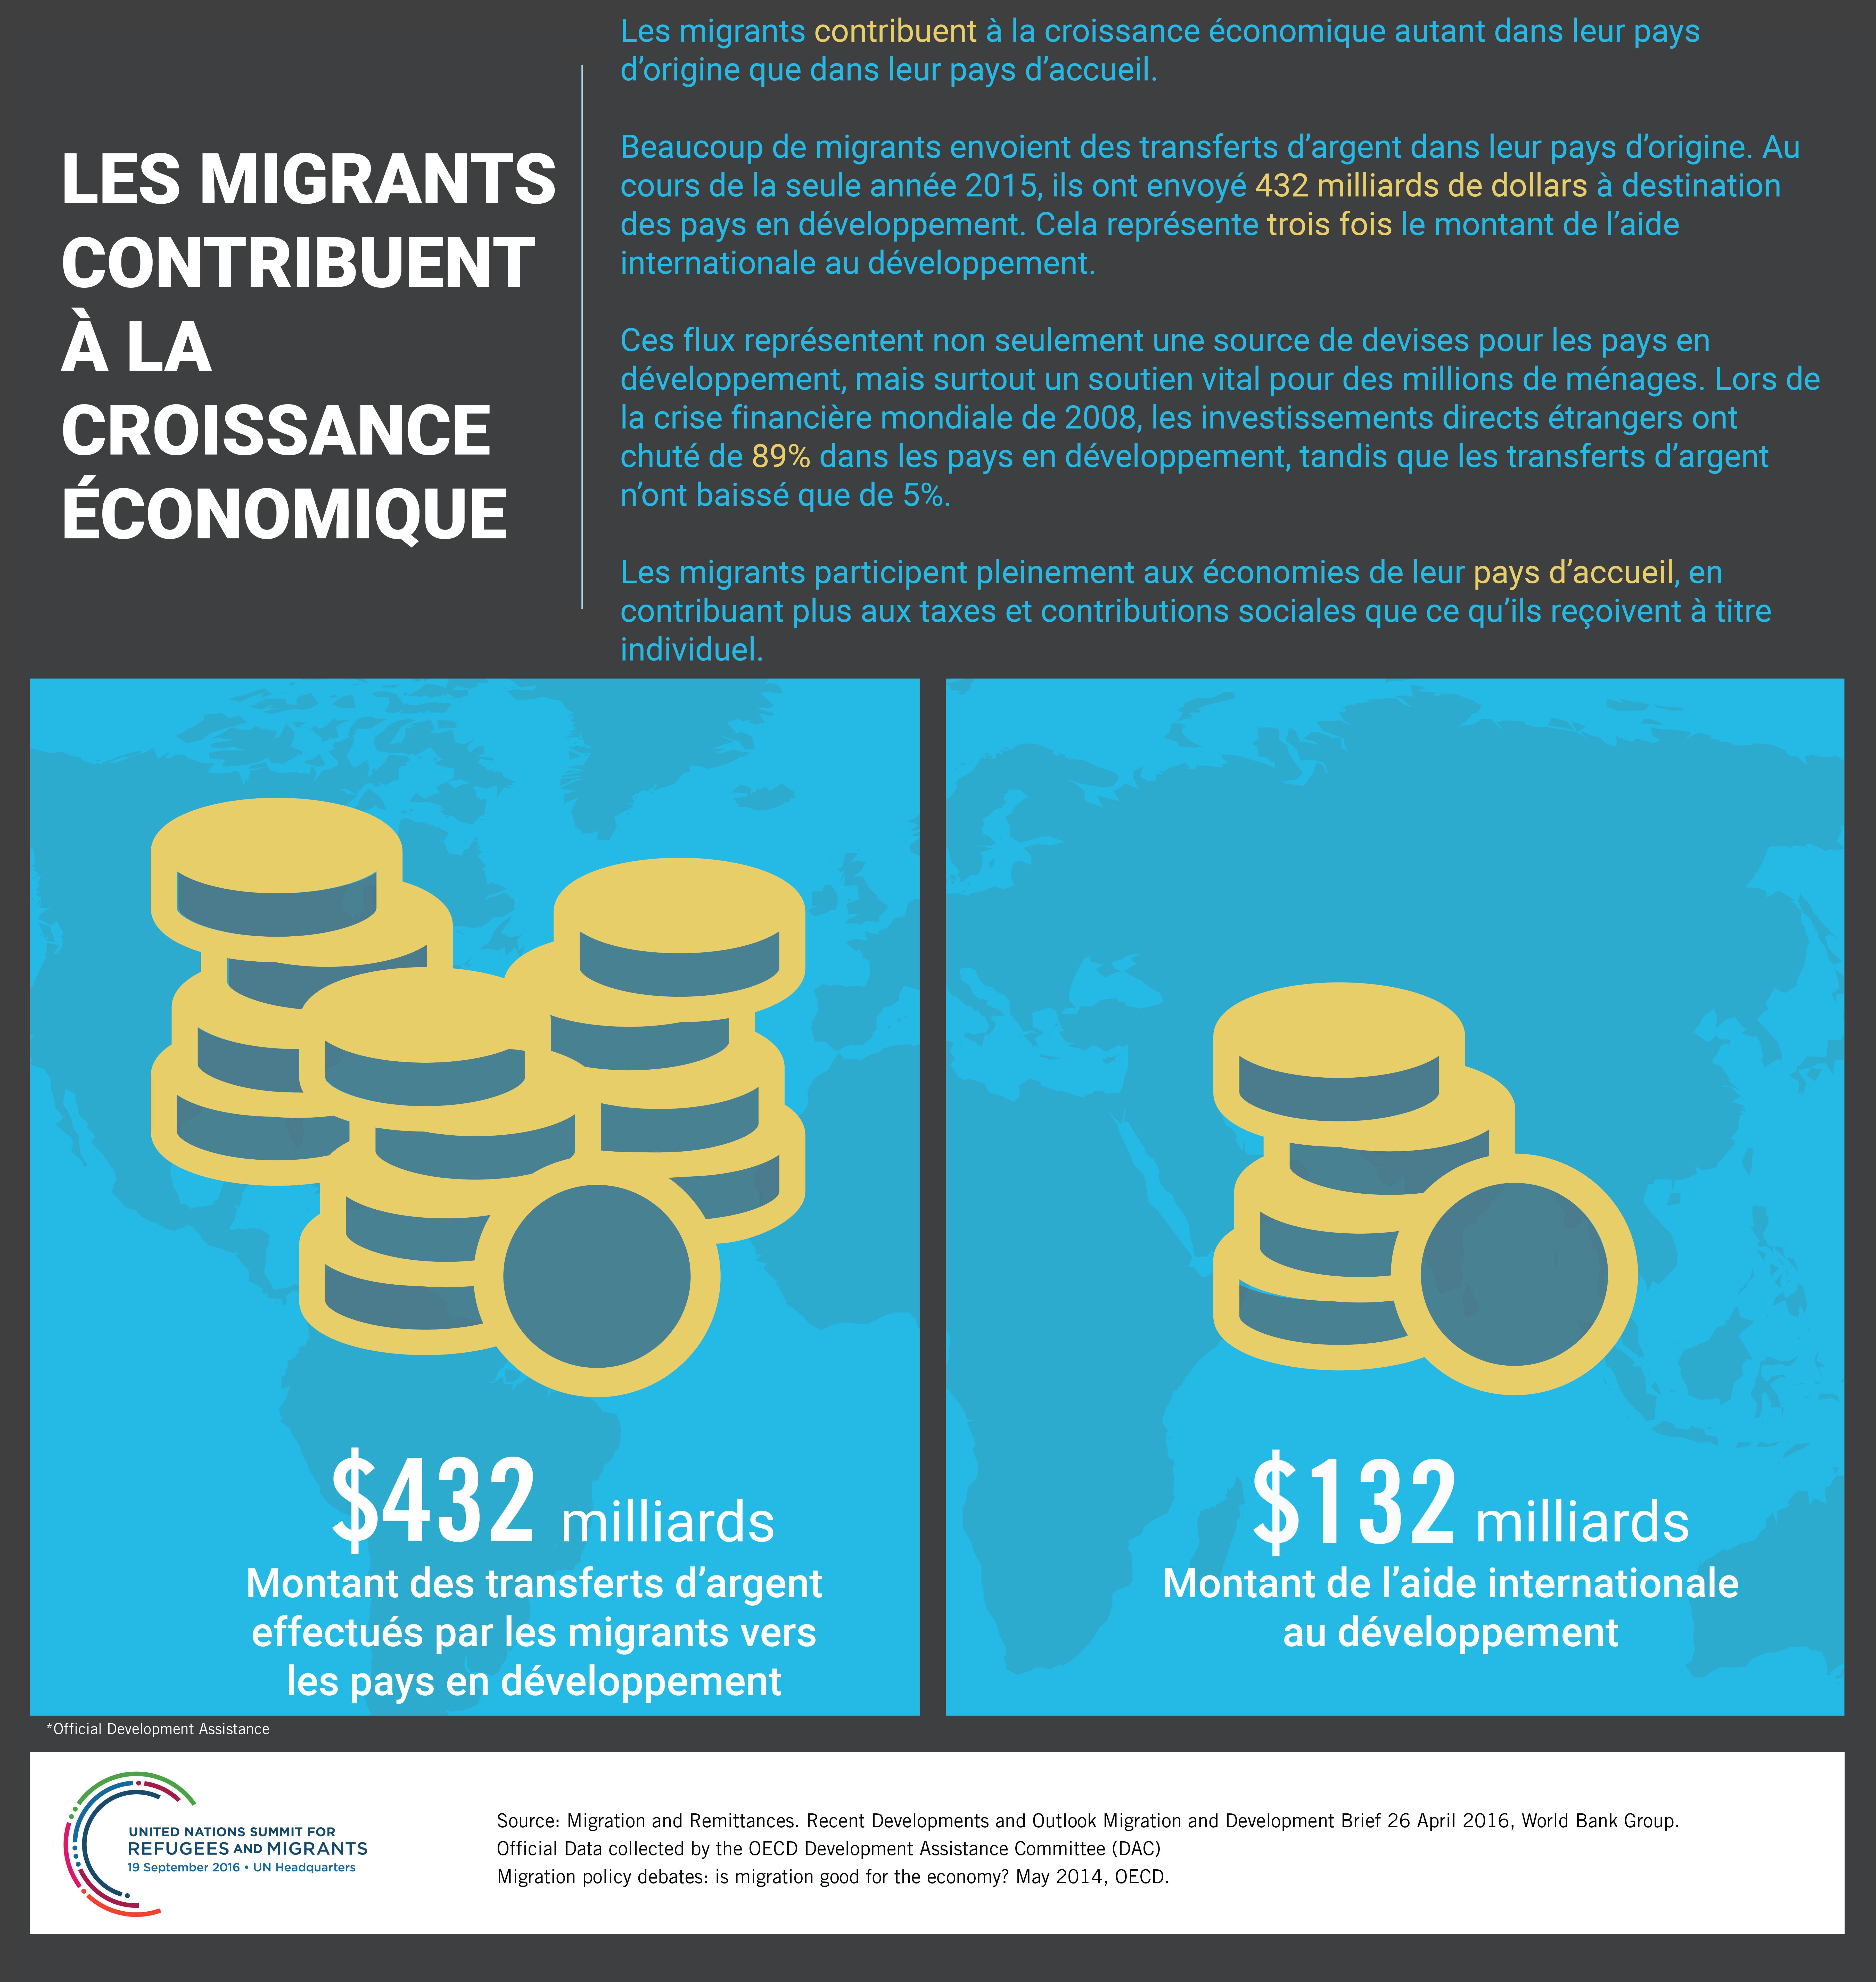 Les migrants contribuent à la croissance économique